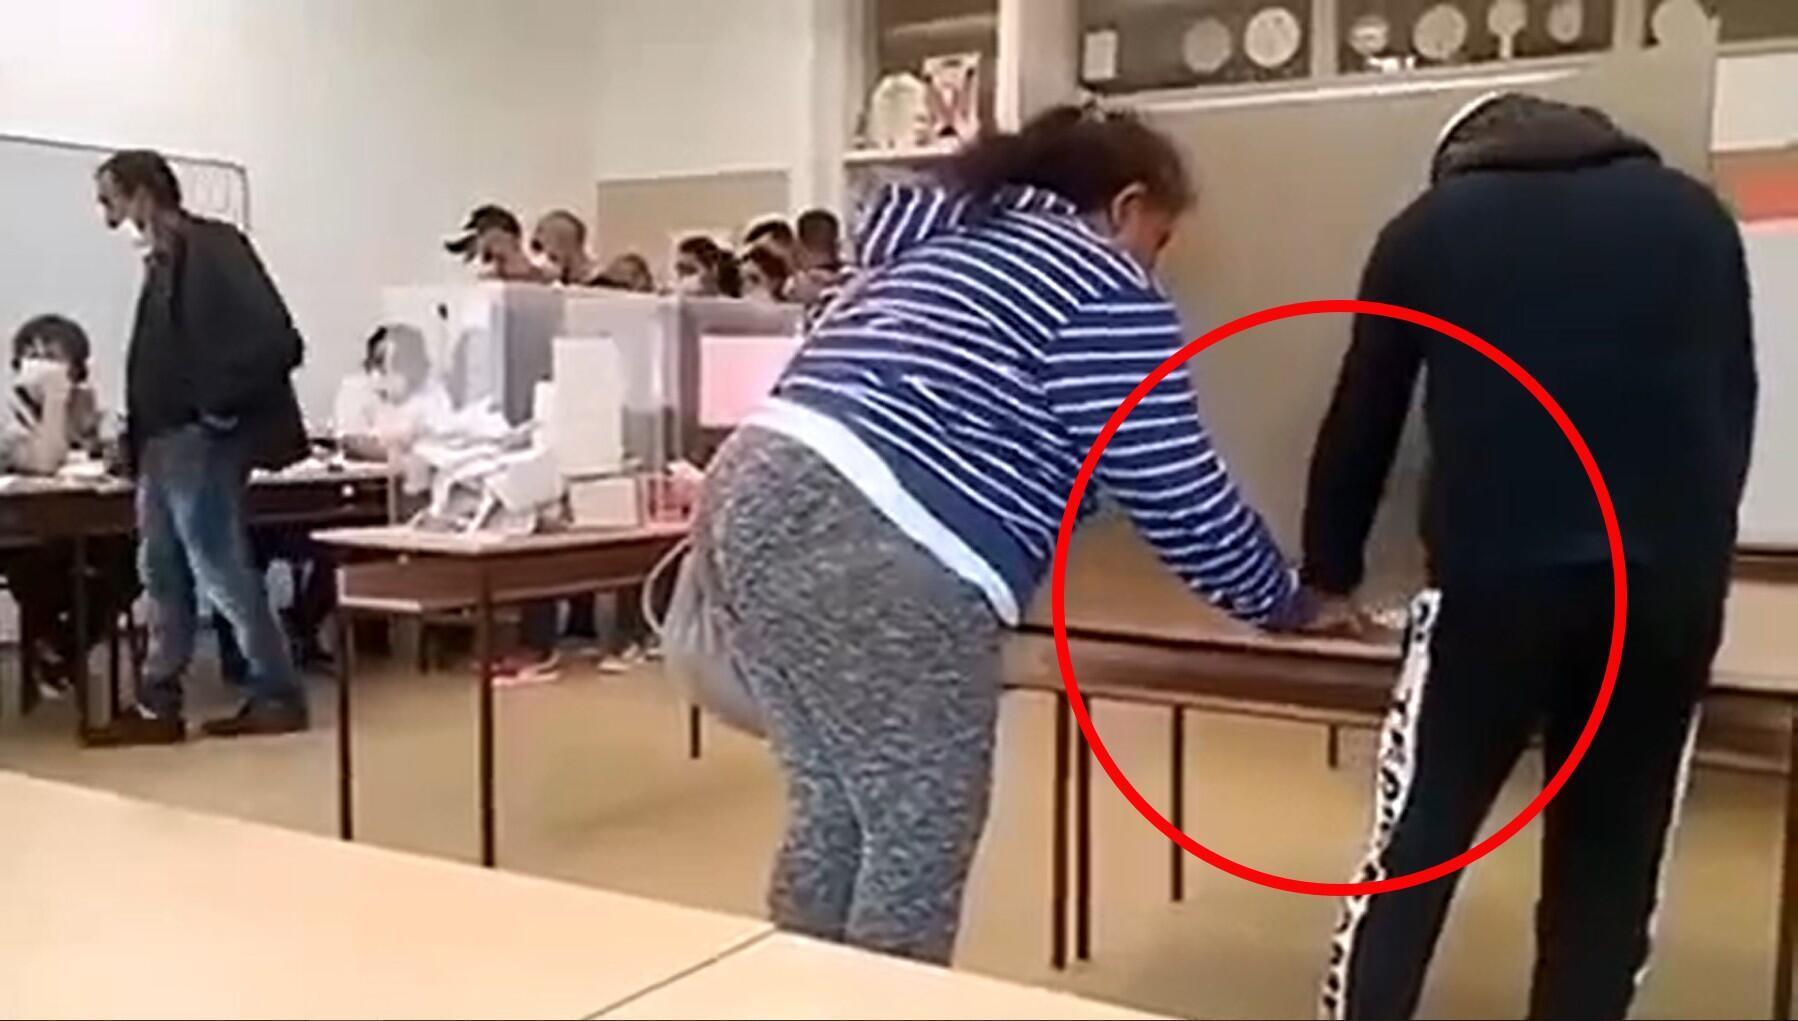 Une femme intervient dans le vote d'un électeur en Serbie, le 21 juin 2020. Crédit : Facebook.